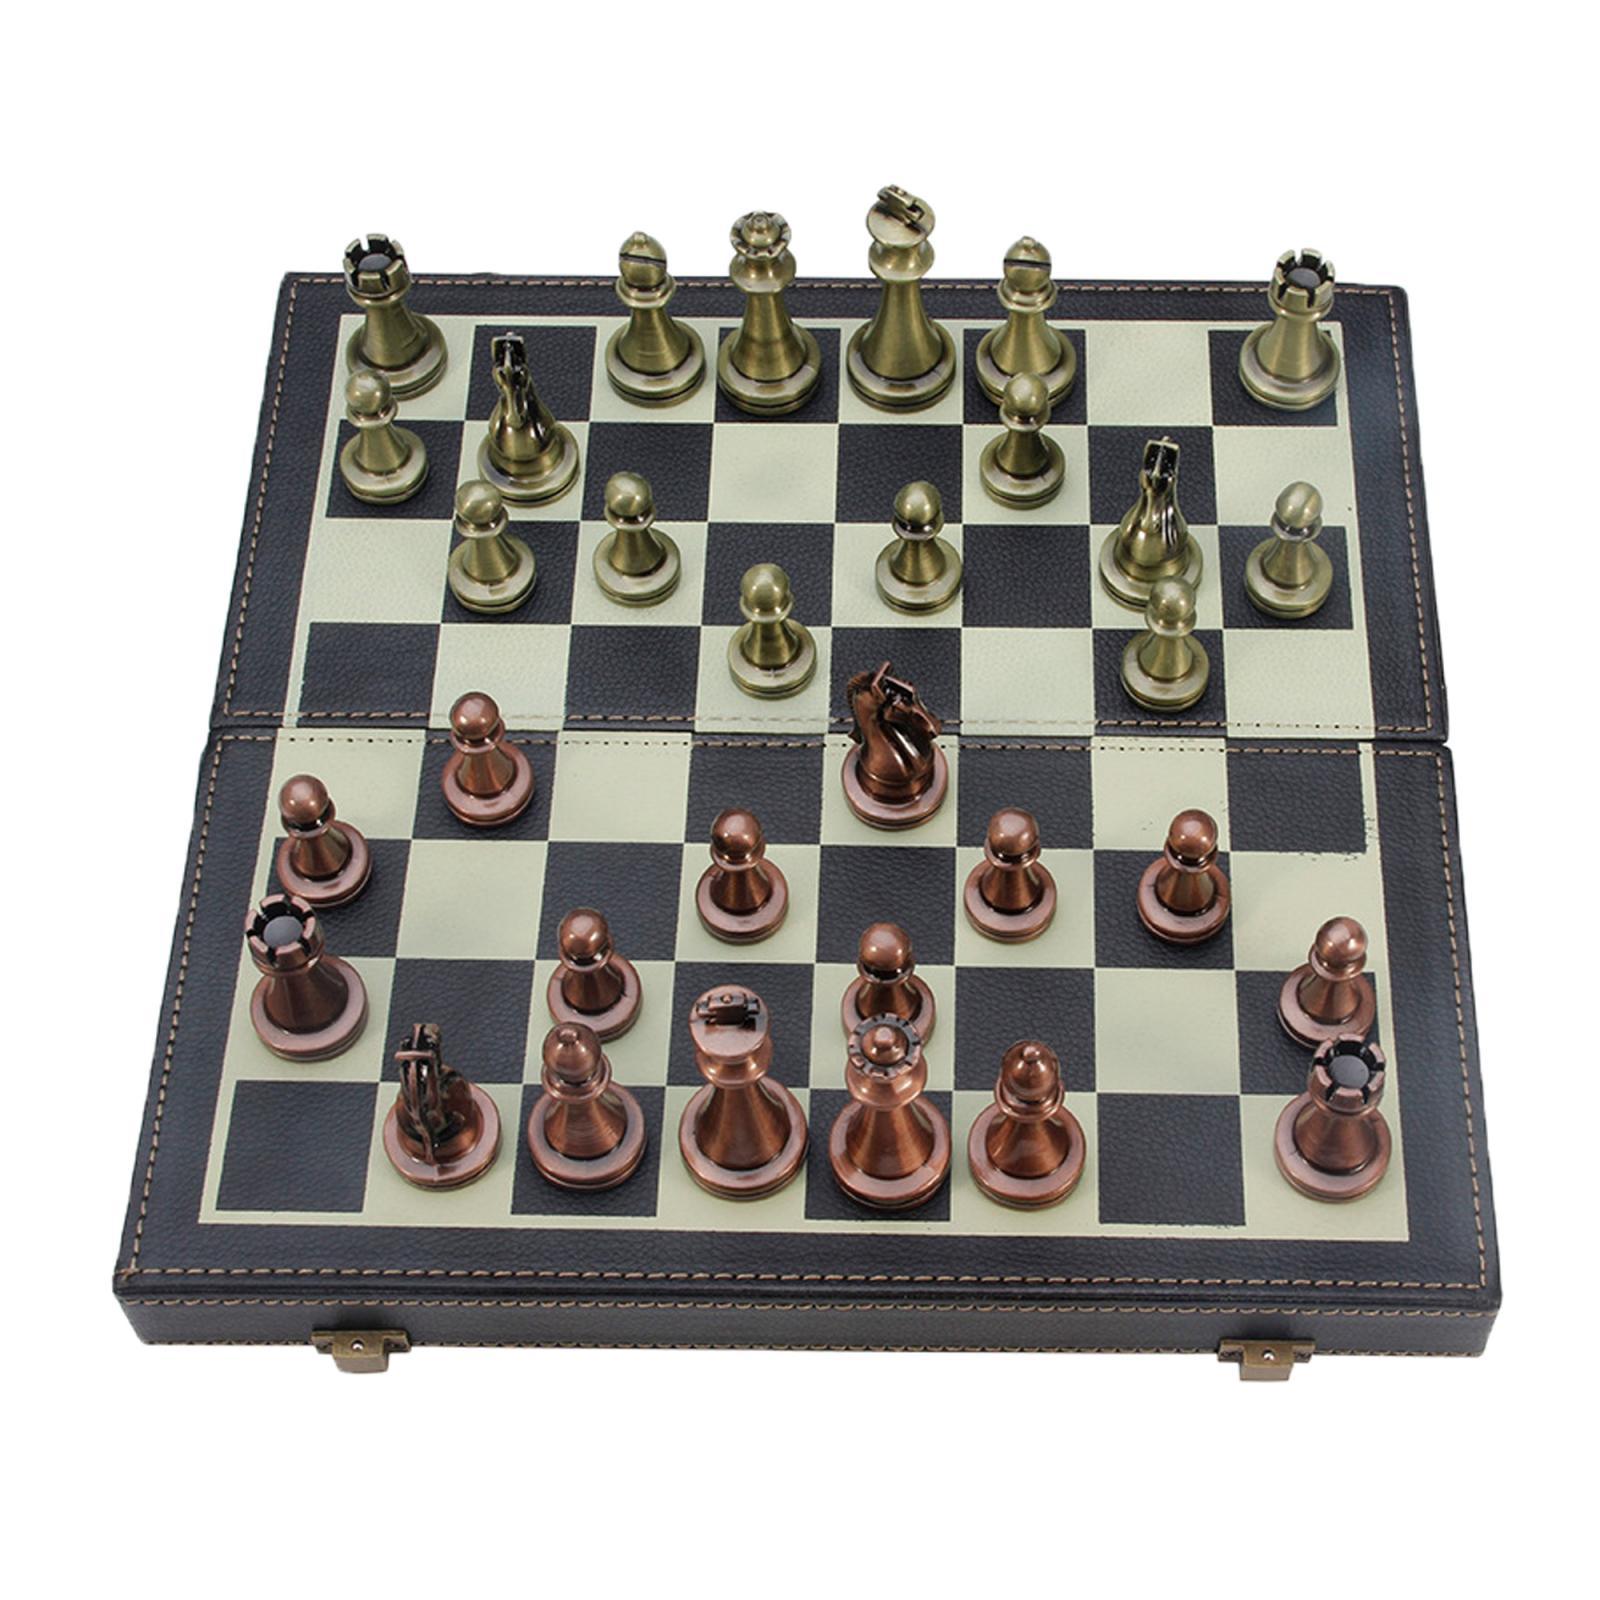 Tablero de ajedrez de Madera y Cuero Vintage plegable